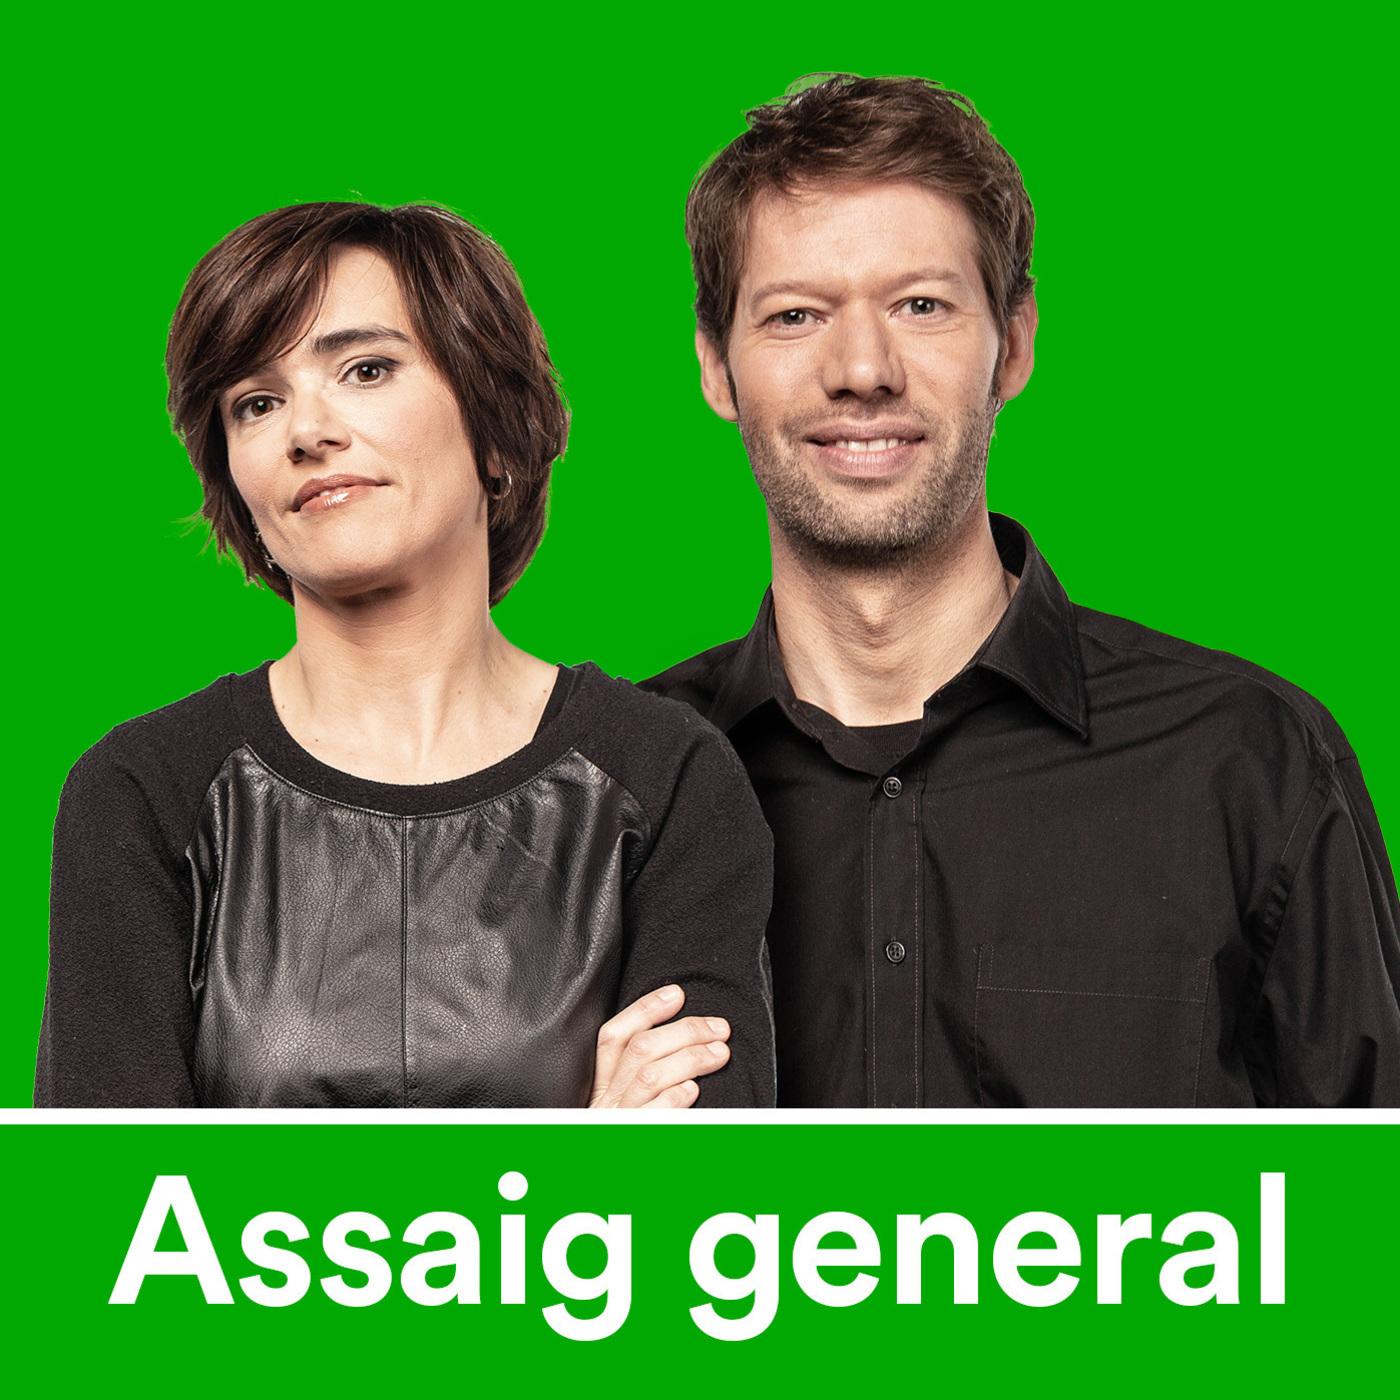 Assaig general